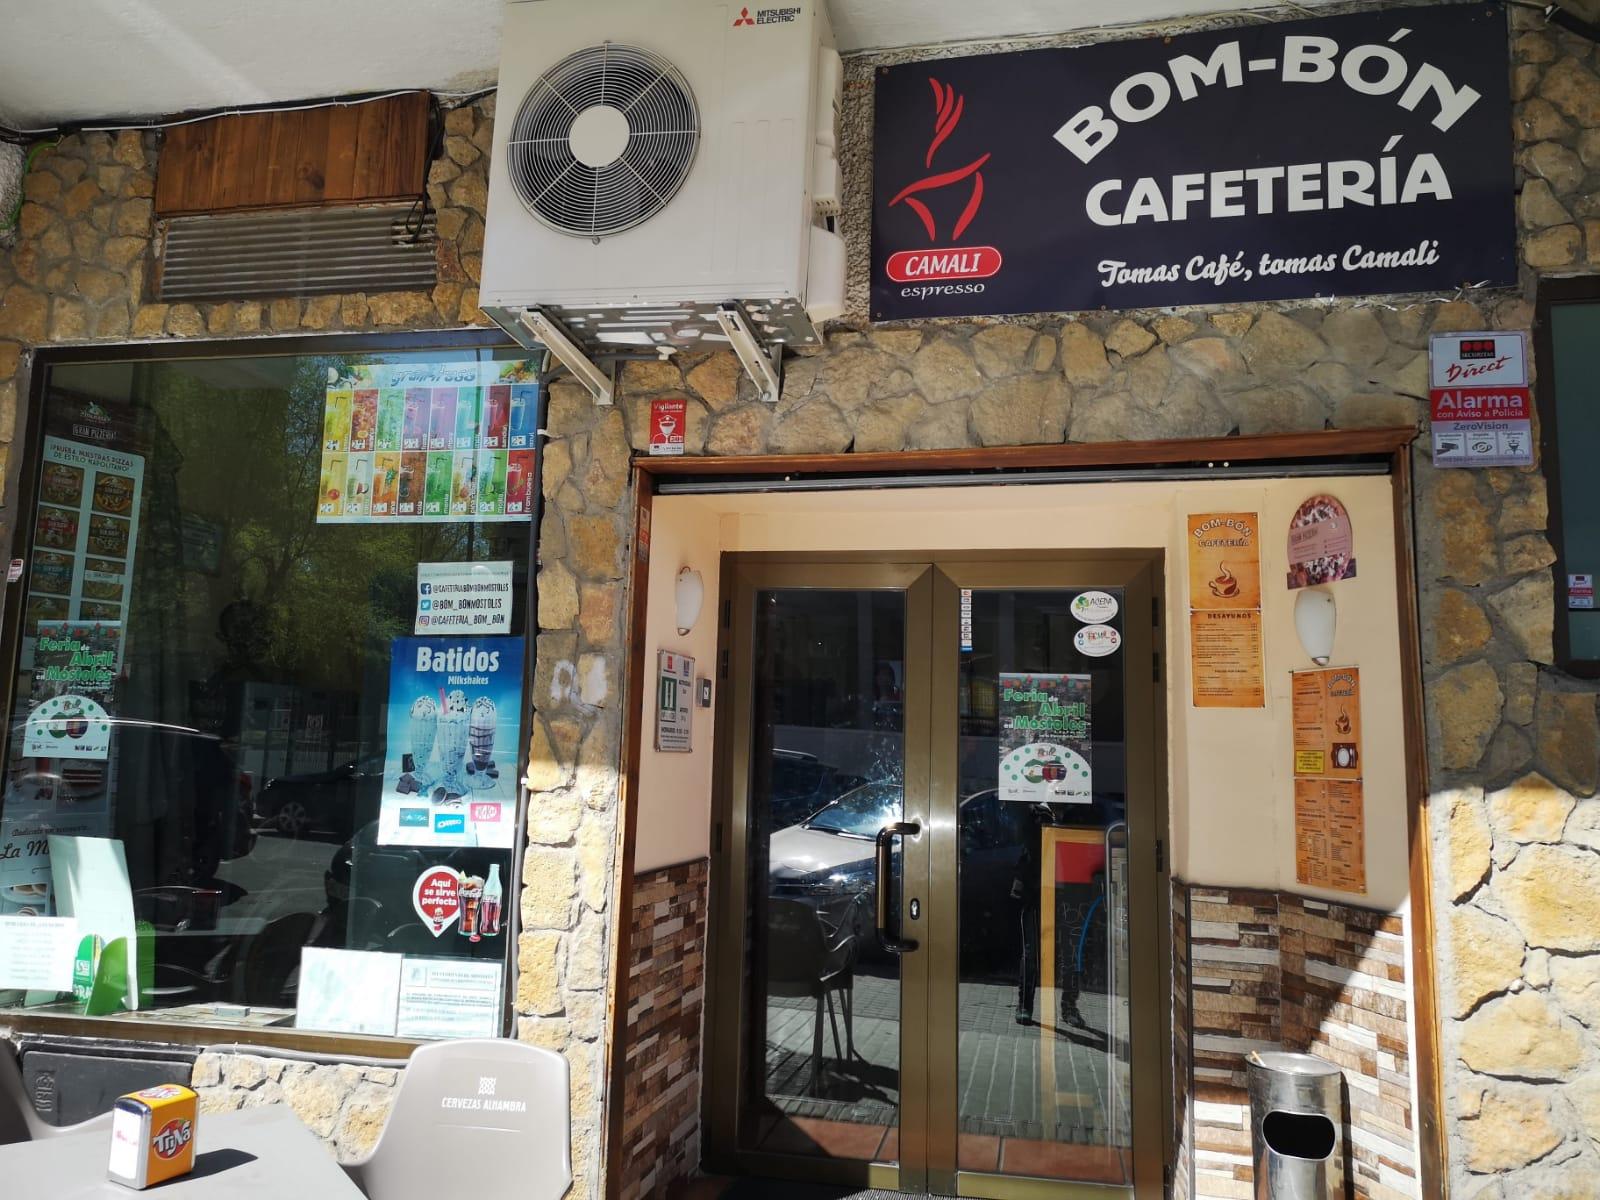 Cafetería Bom-Bón: menús diarios zona hospital, tapas y raciones caseras en Mostoles